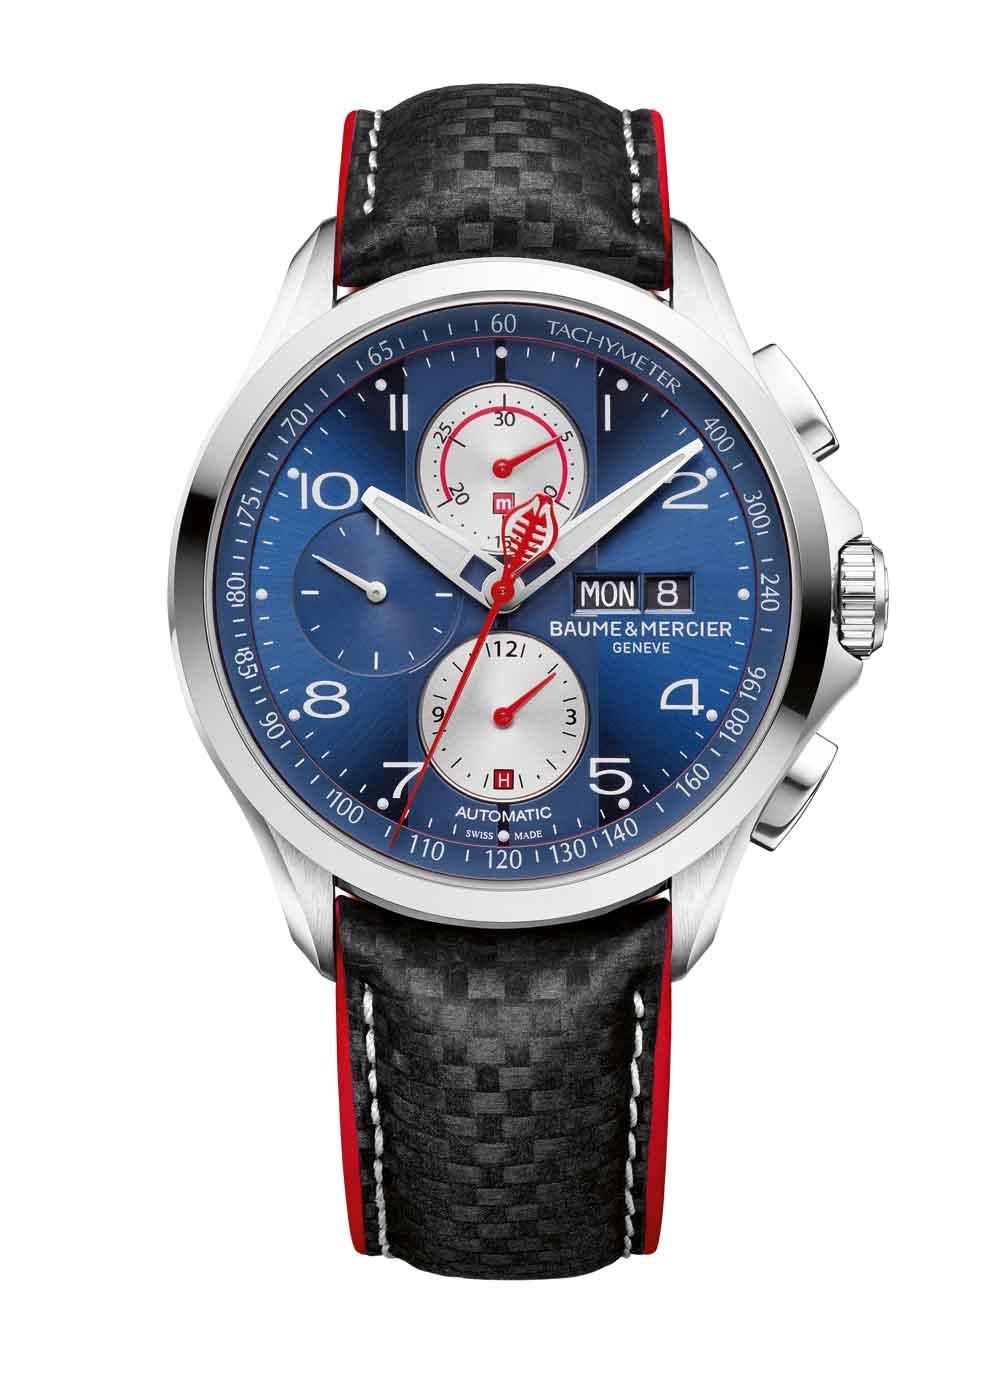 Reloj Baume & Mercier Clifton Cobra Shelby edición limitada 1964 relojes